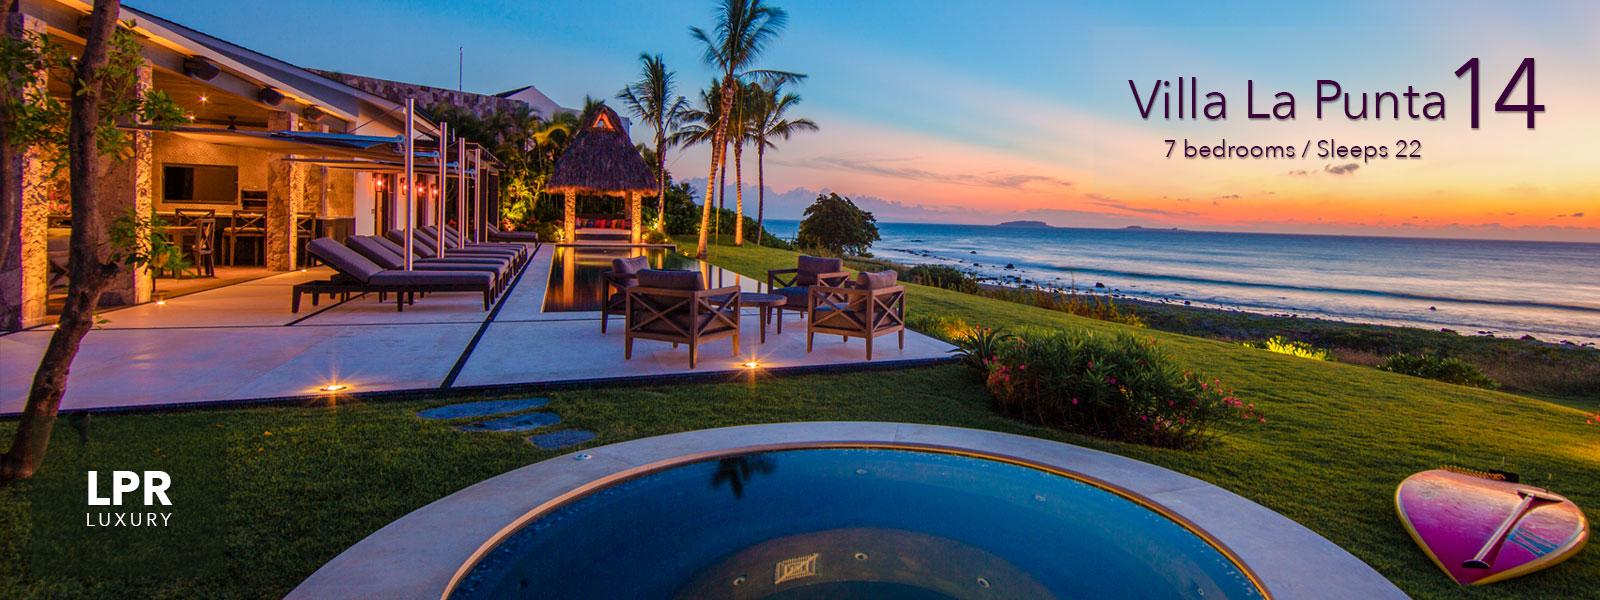 Villa la Punta 14 - Luxury Punta Mita Vacation rental villa for rent